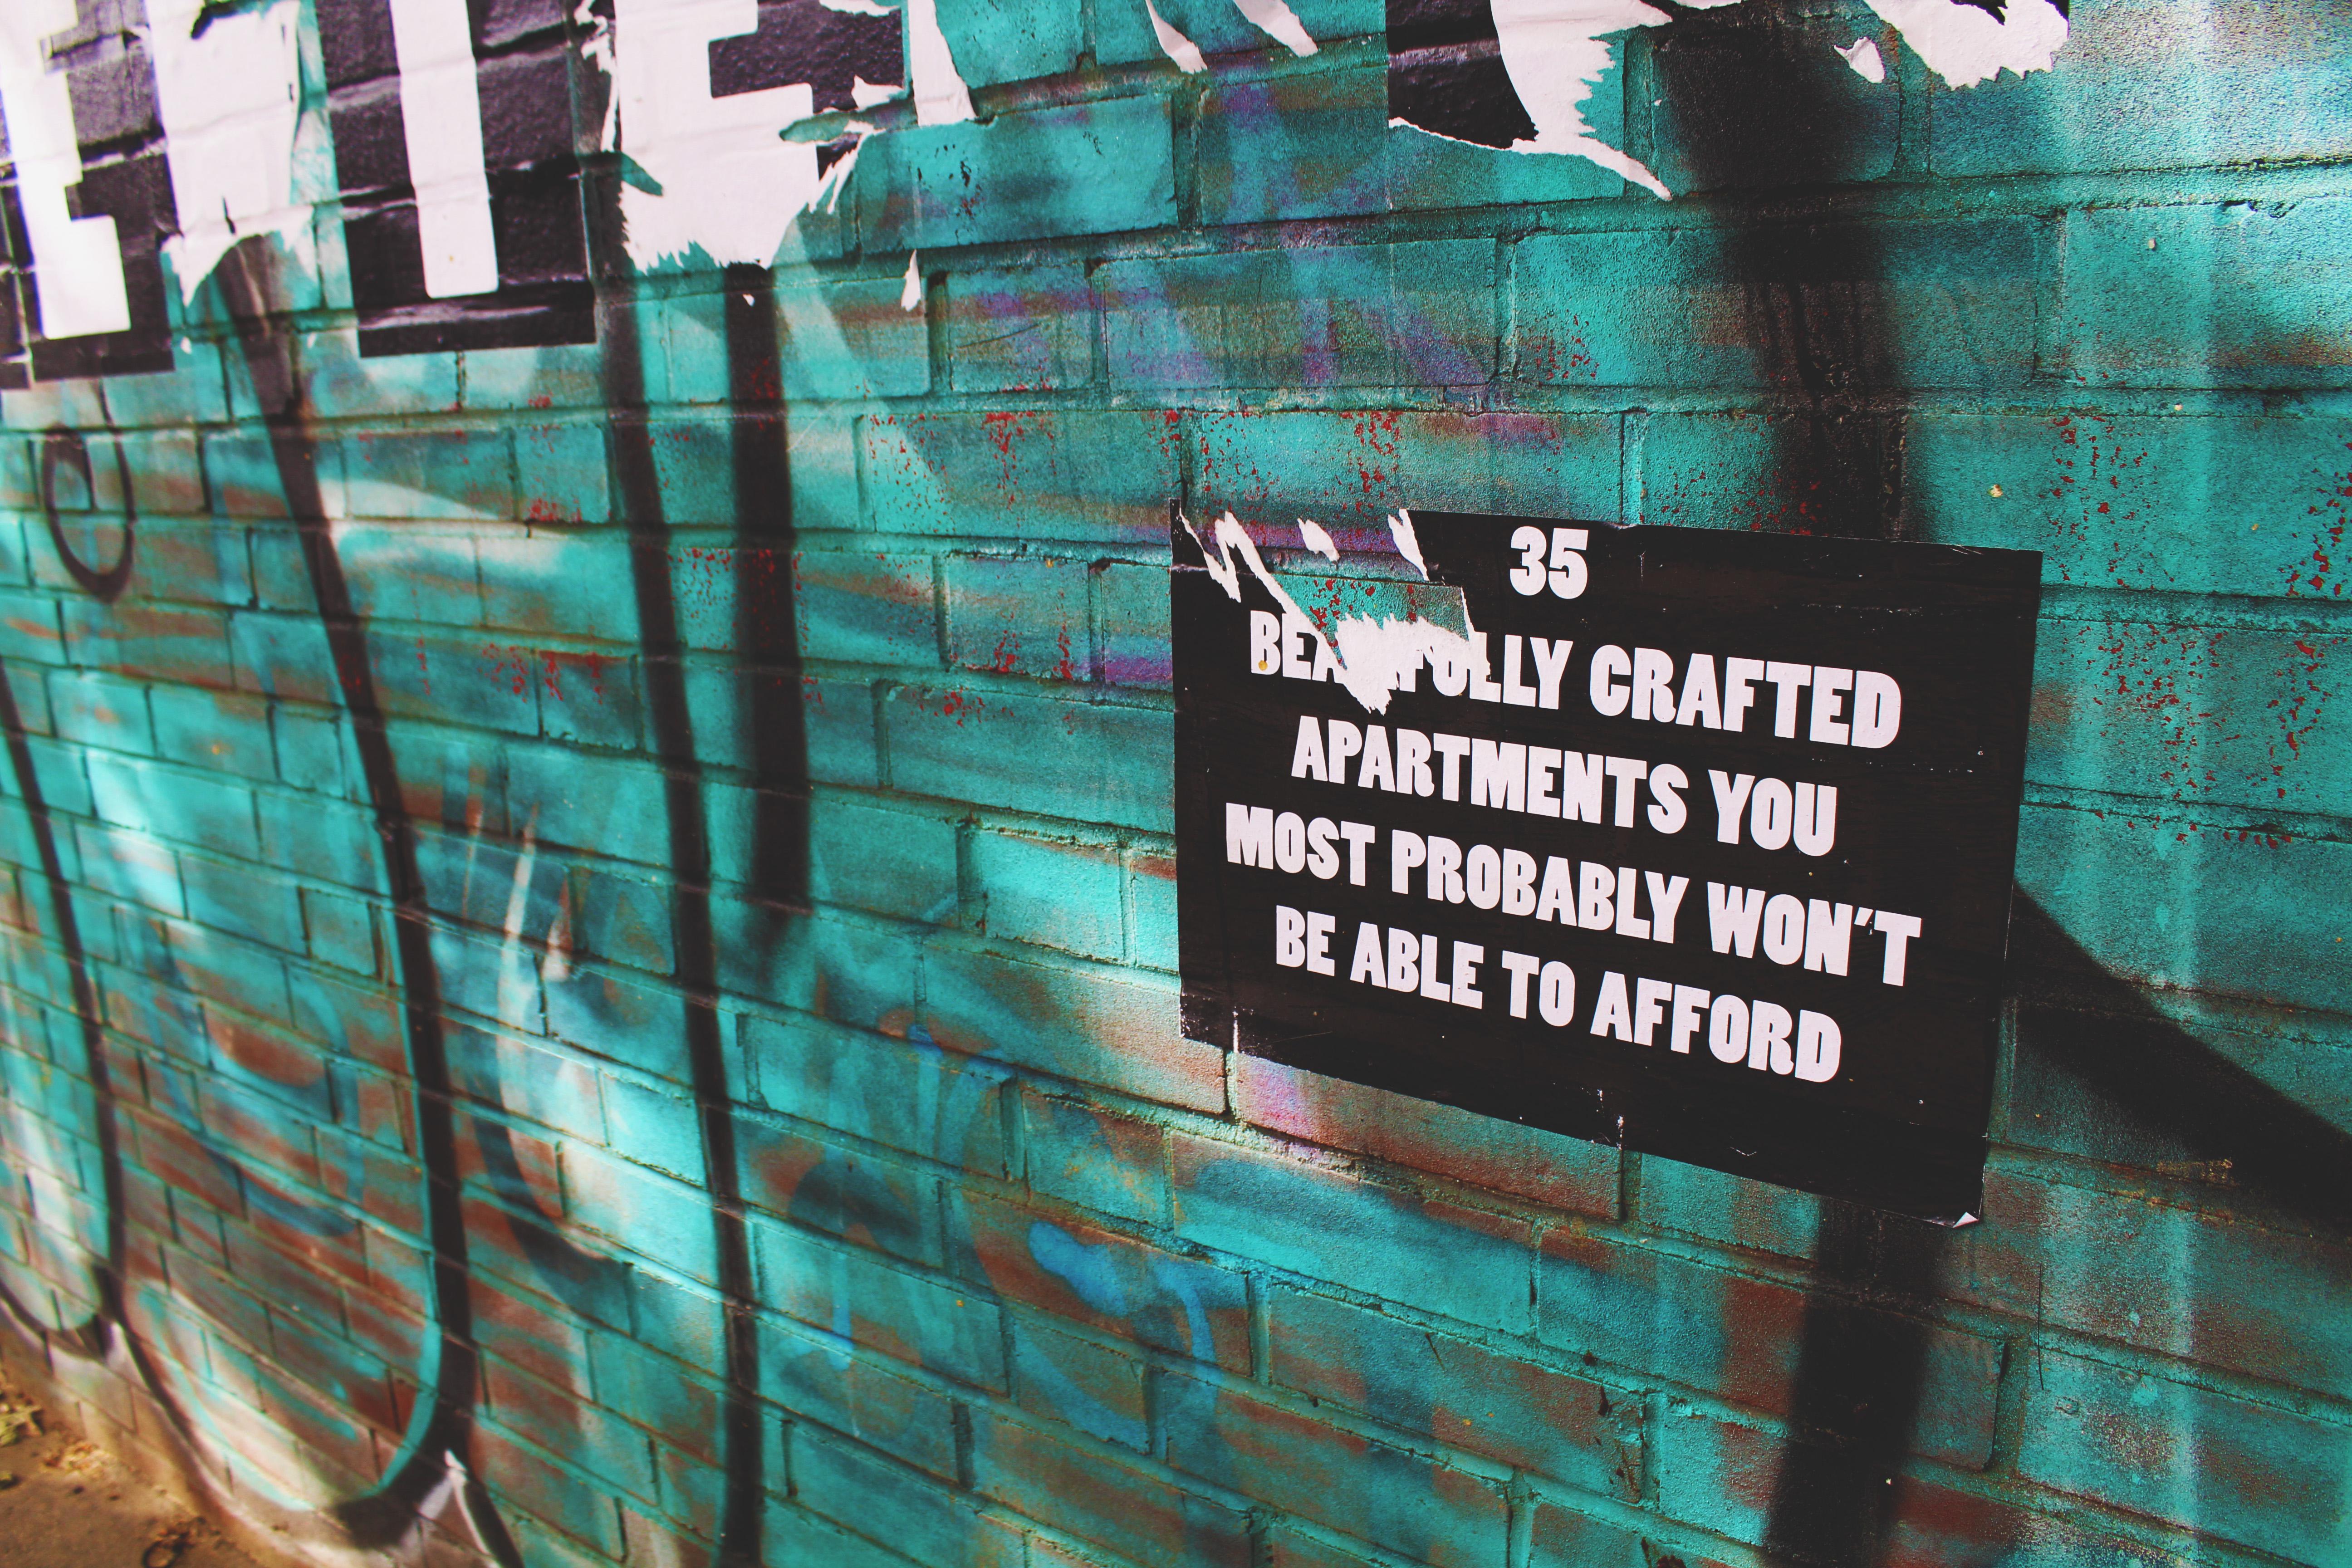 Graffiti art in Hackney Wick. Photo credit Fatima Uddin